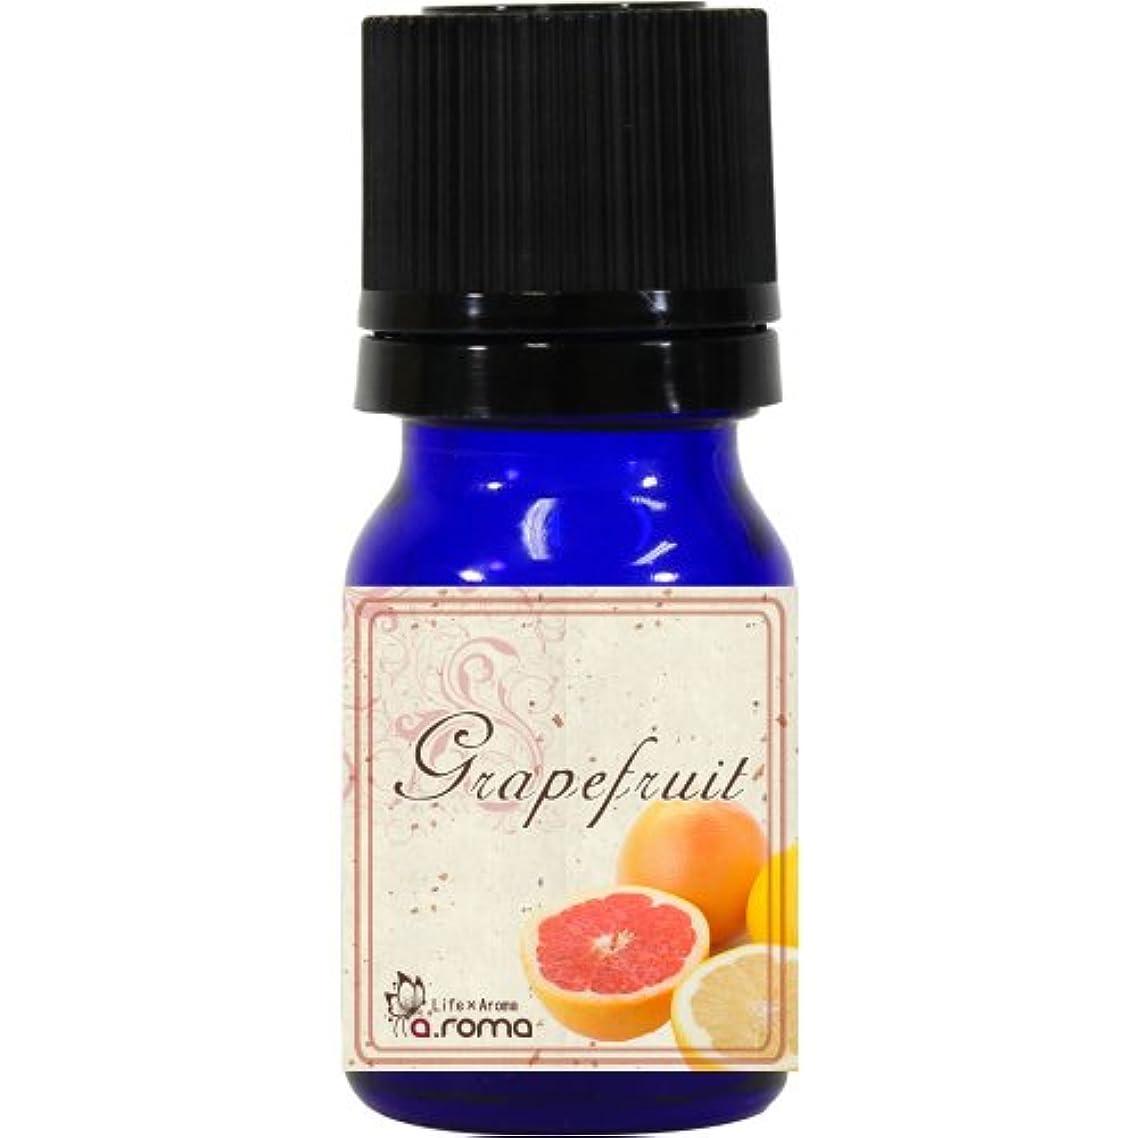 テンポヒール再開グレープフルーツ 3ml 100% エッセンシャルオイル アロマオイル